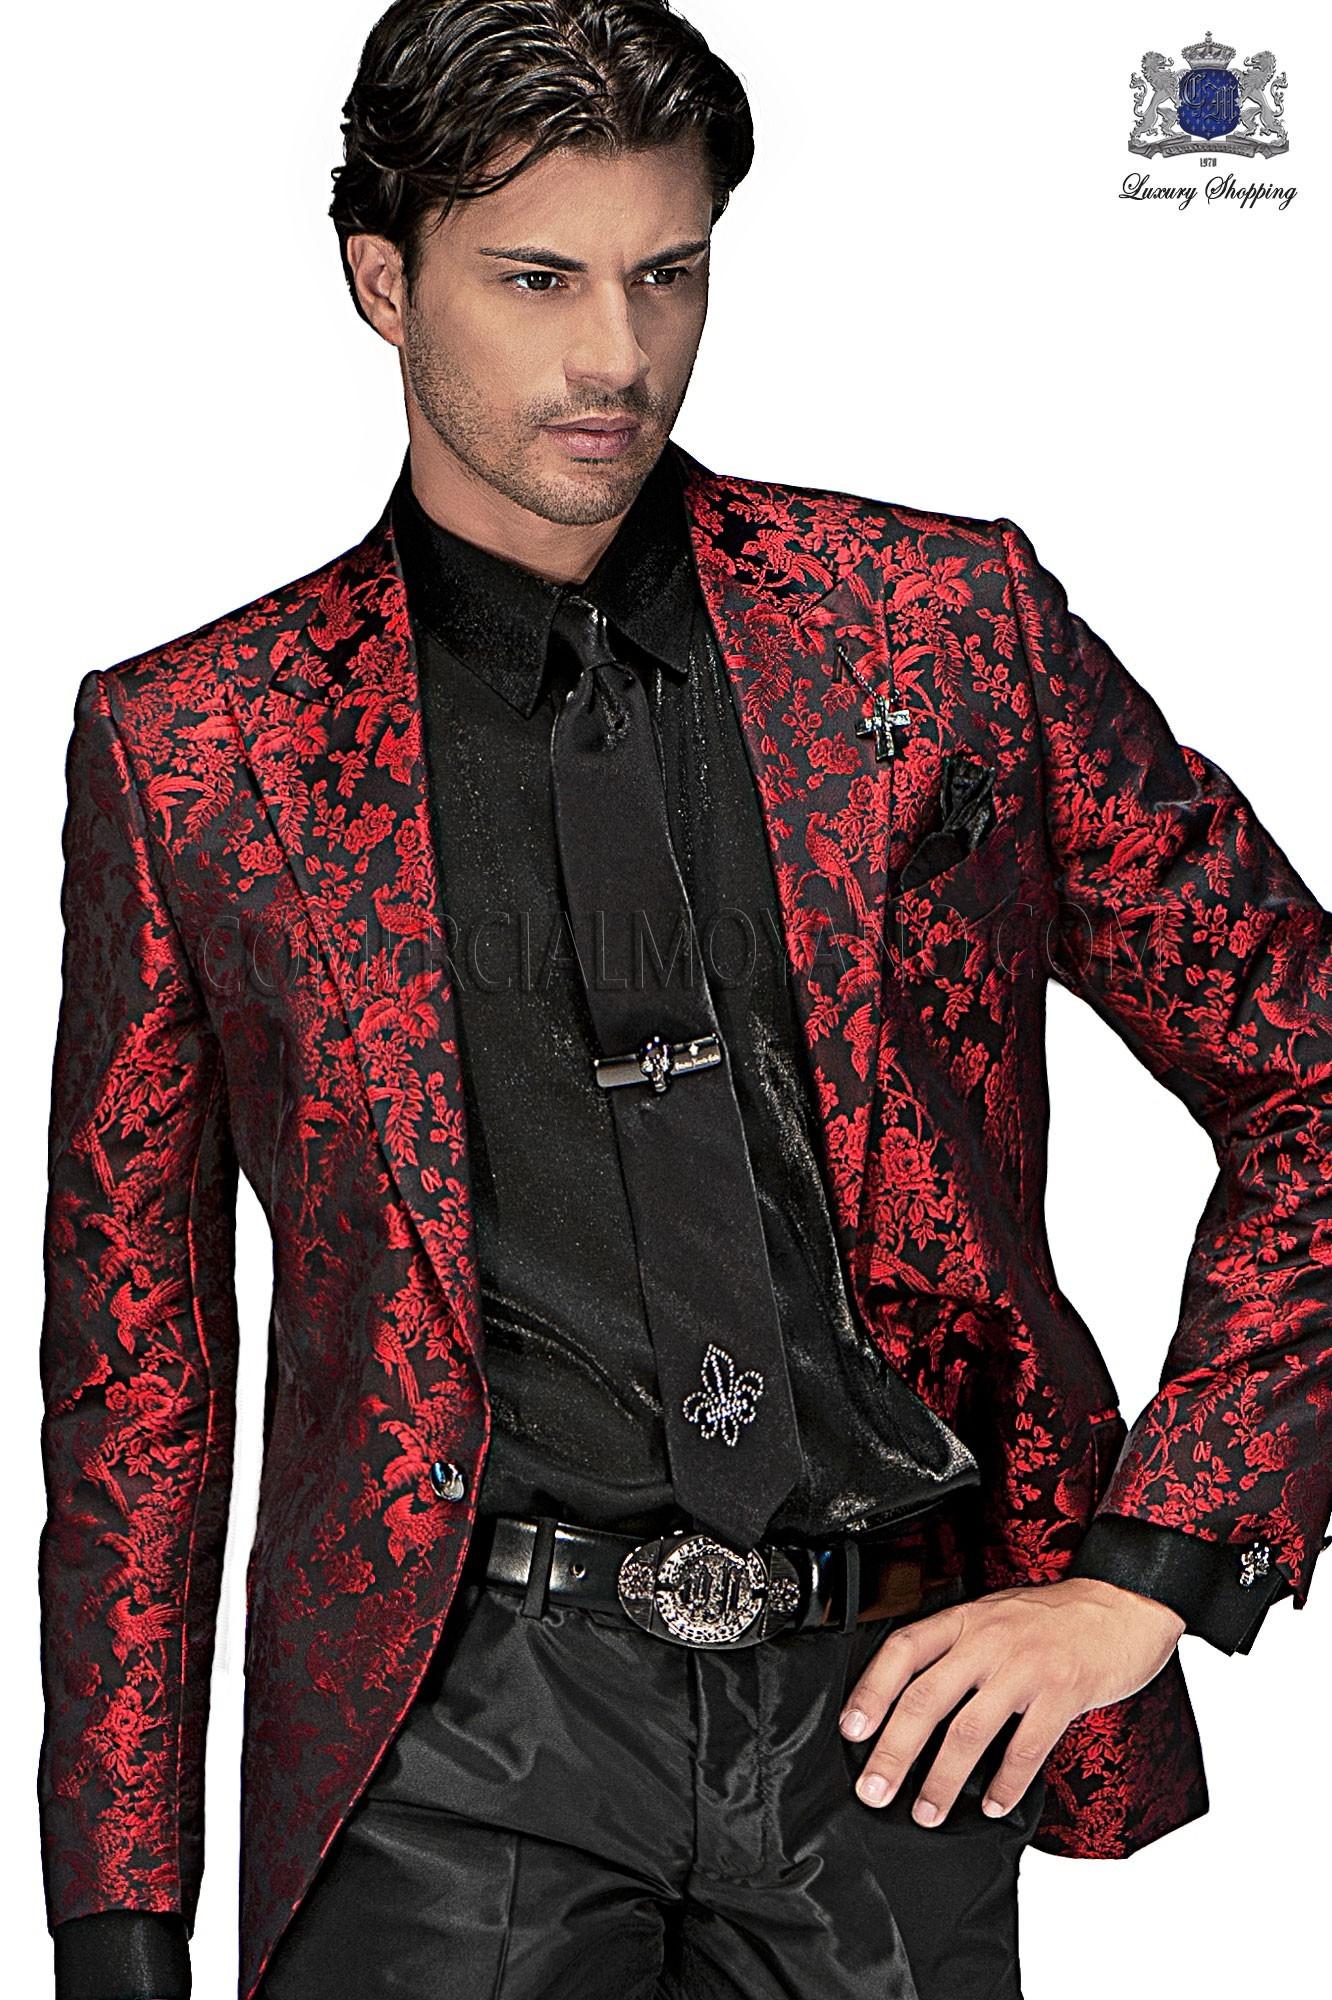 Traje Emotion de novio negro/rojo modelo: 60363 Ottavio Nuccio Gala colección Emotion